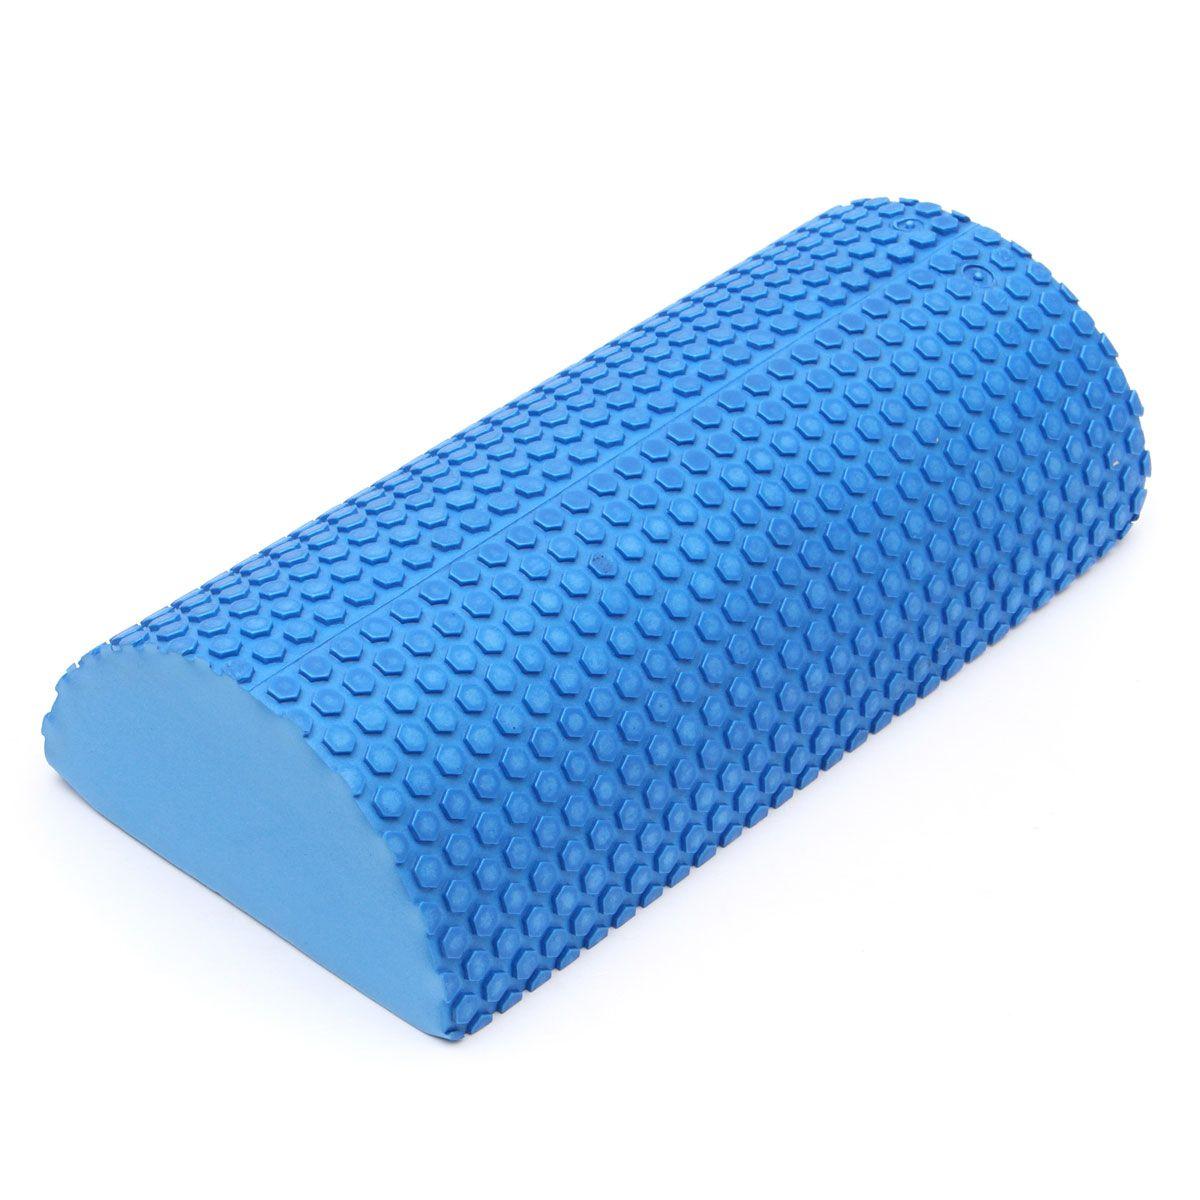 30 cm Half Ronde EVA foam Yoga roller Pilates Fitness Foam Roller Gym Oefening Fitness Yoga Blokken Met Massage Drijvende punt